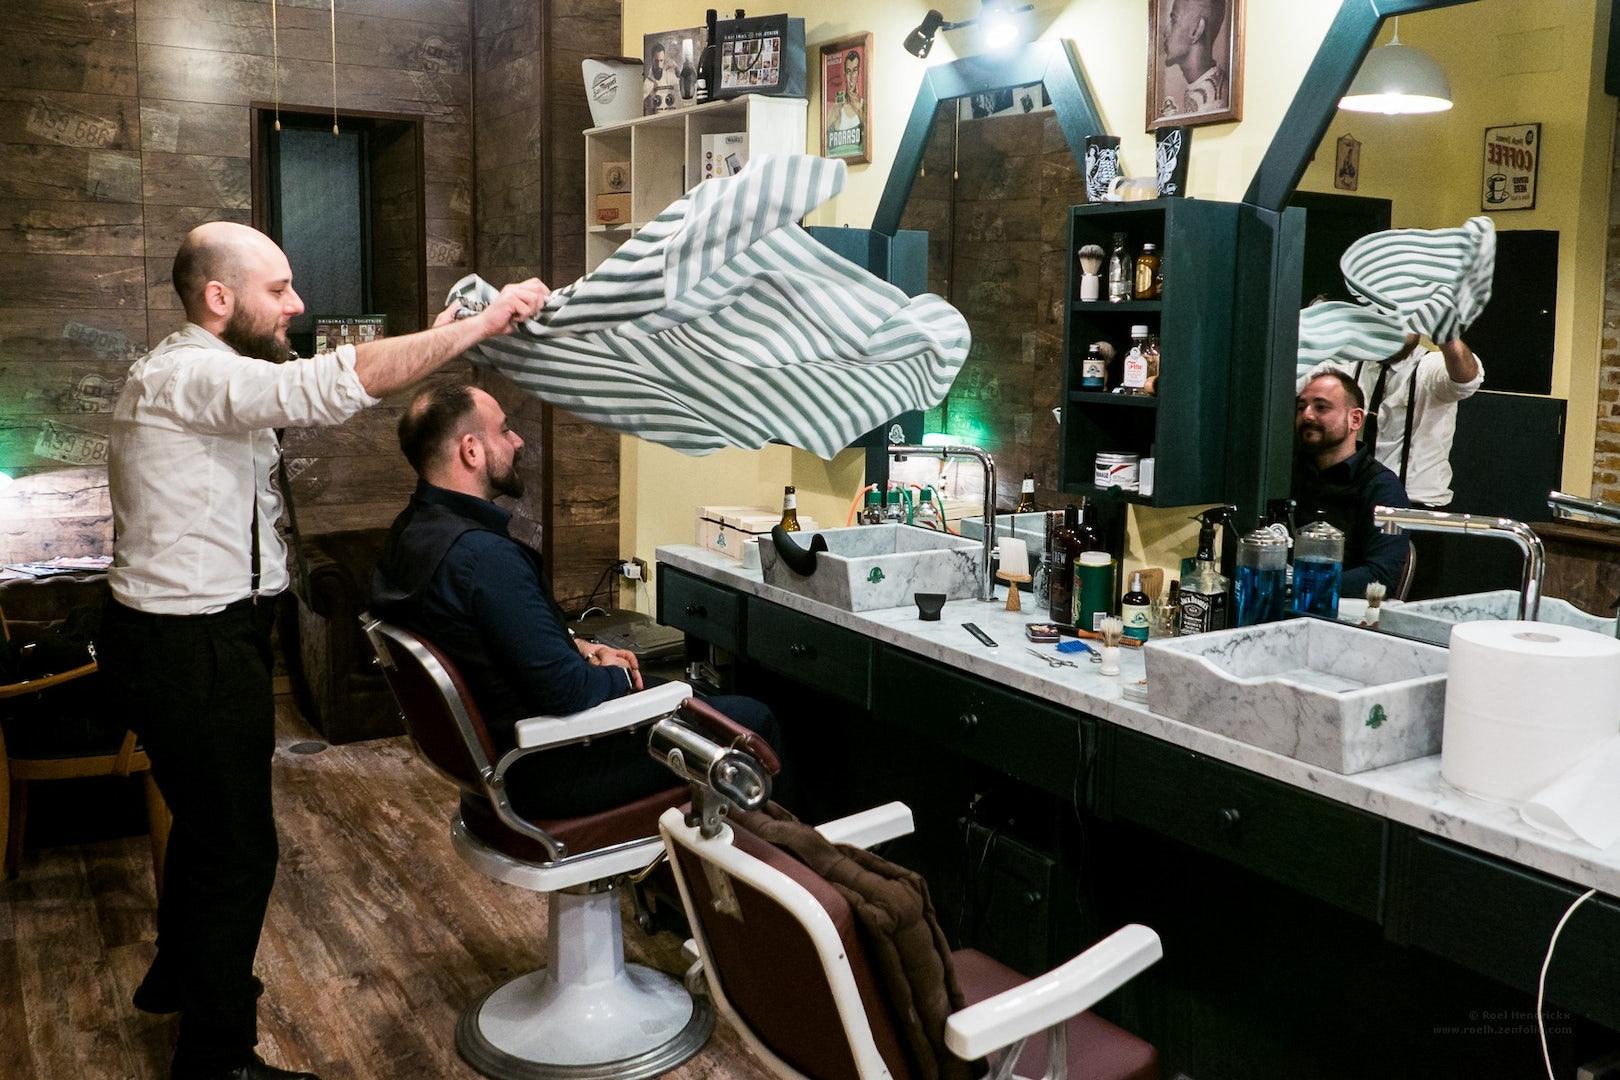 client at Machete barber shop